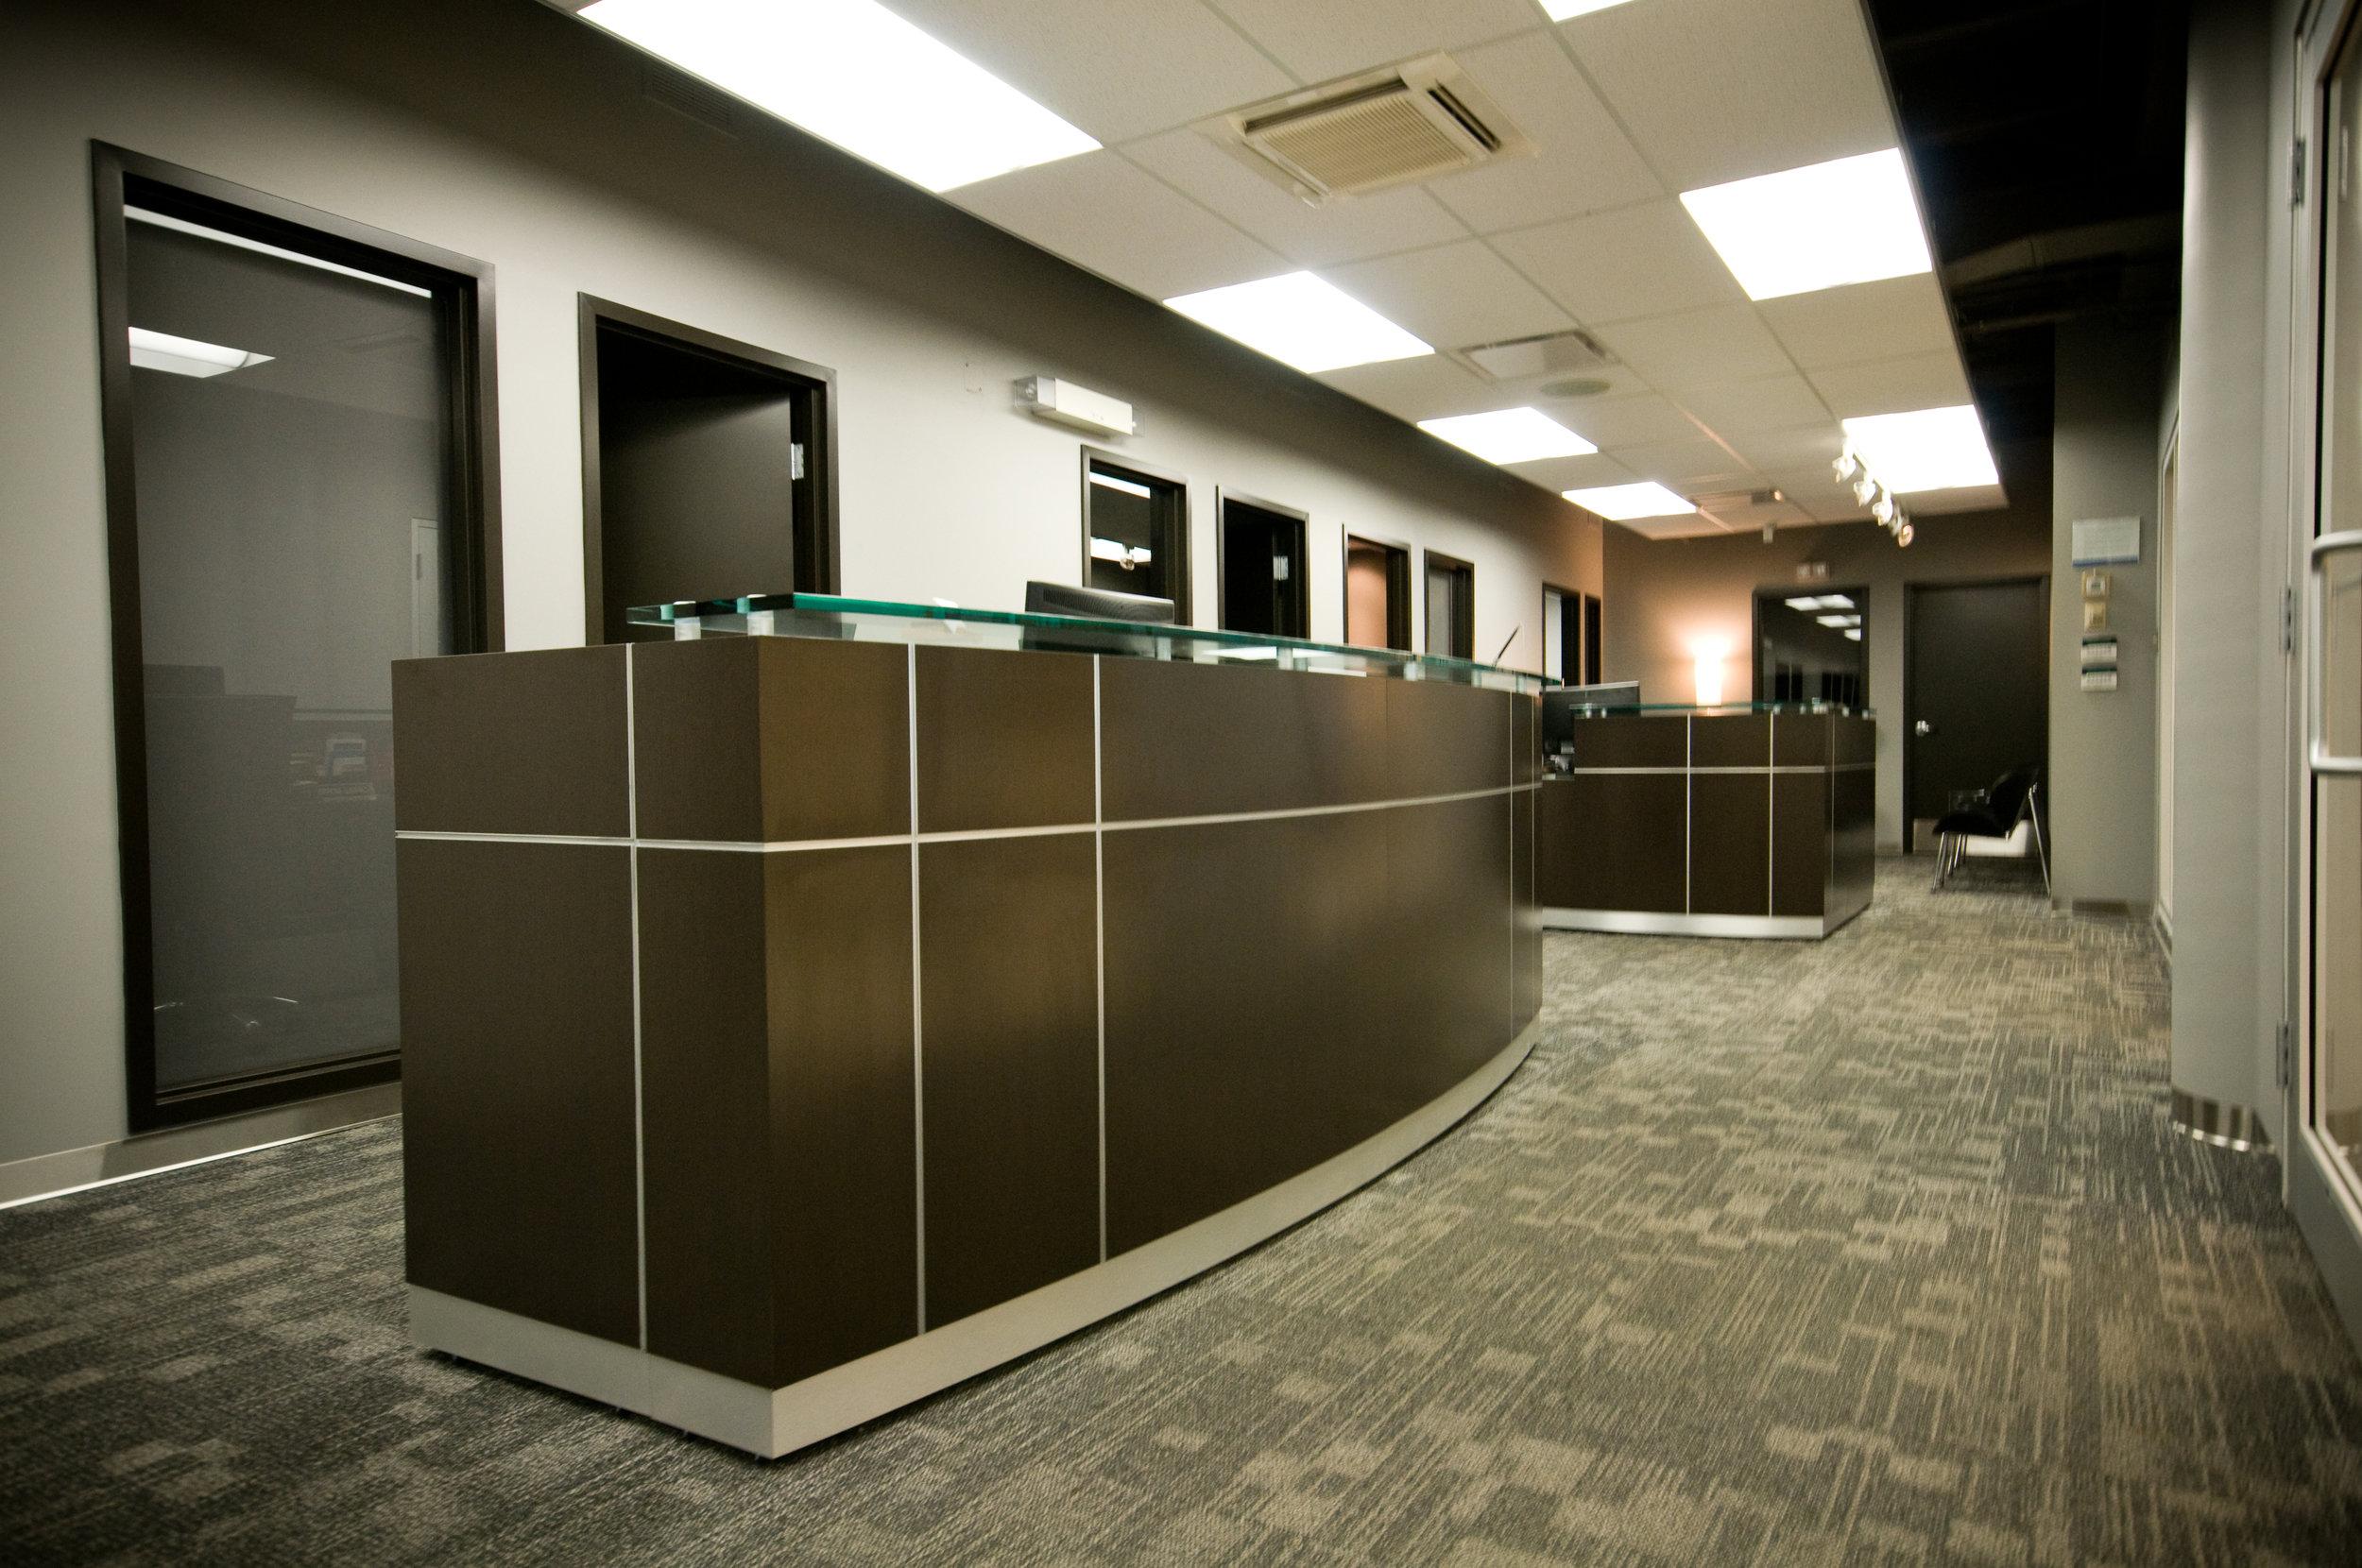 Jasper place general office -